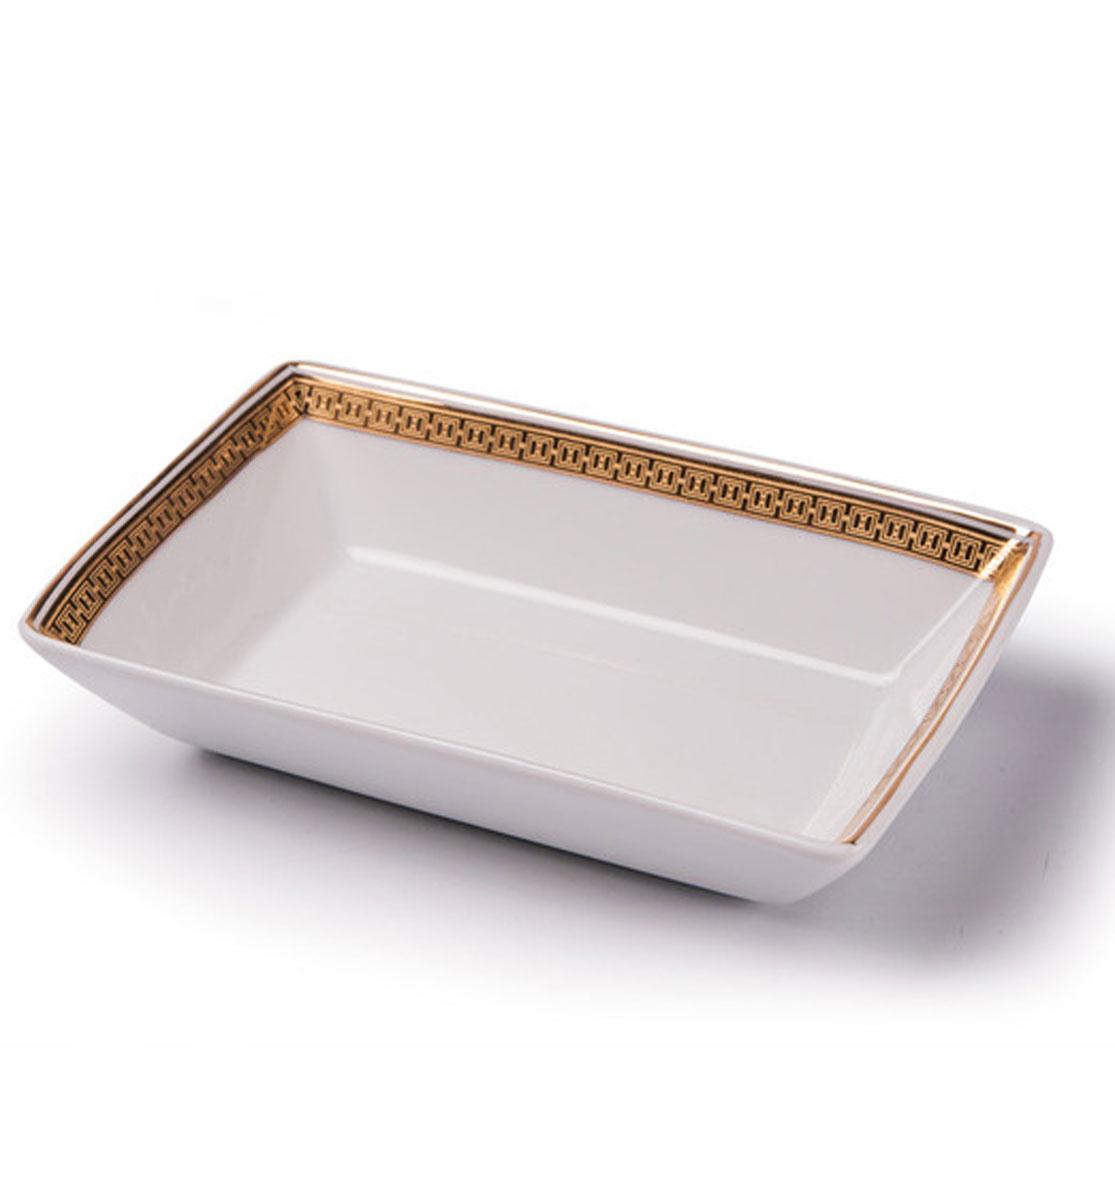 Kyoto 1555 Блюдо прямоугольное, Д13х 9 золото, цвет: белый с золотом710813 1555Блюдо прямоугольное 13 х 9 см